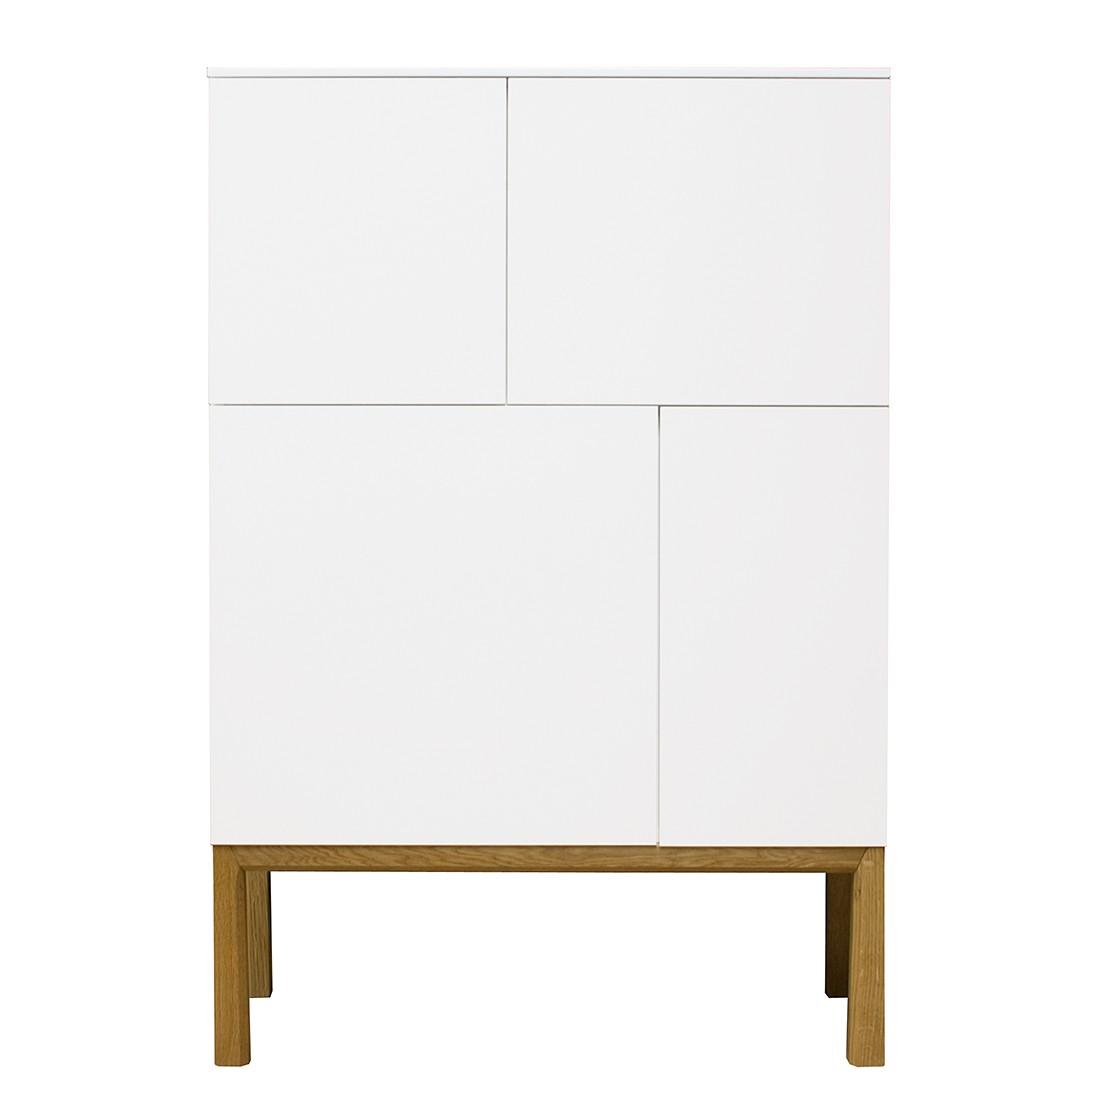 highboard eiche preis vergleich 2016. Black Bedroom Furniture Sets. Home Design Ideas